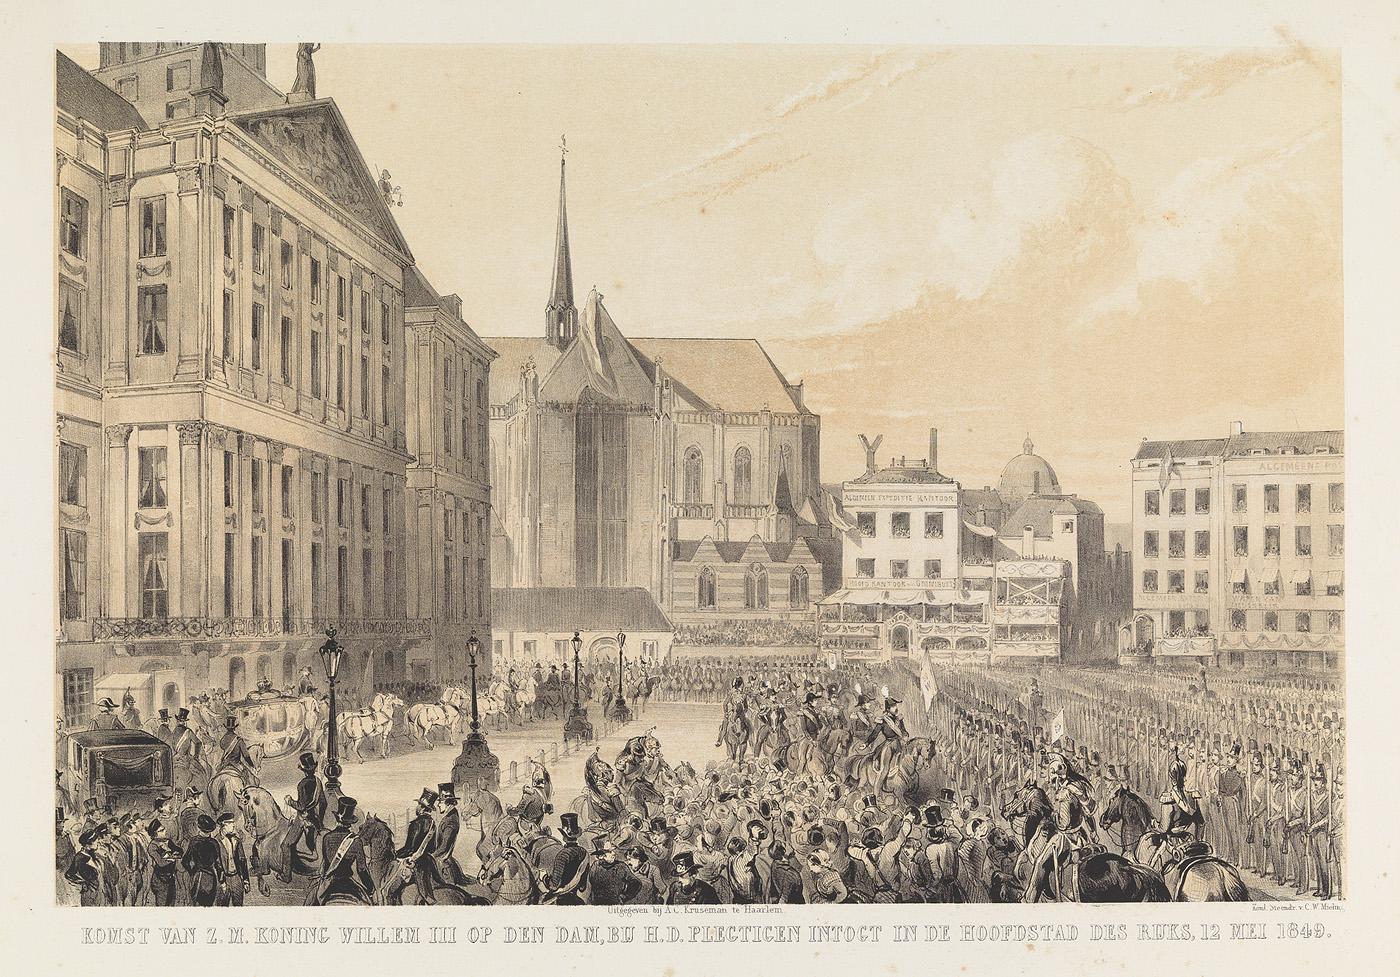 Didoos dood, Boertig in Hollandsche kleedy afgebeeld